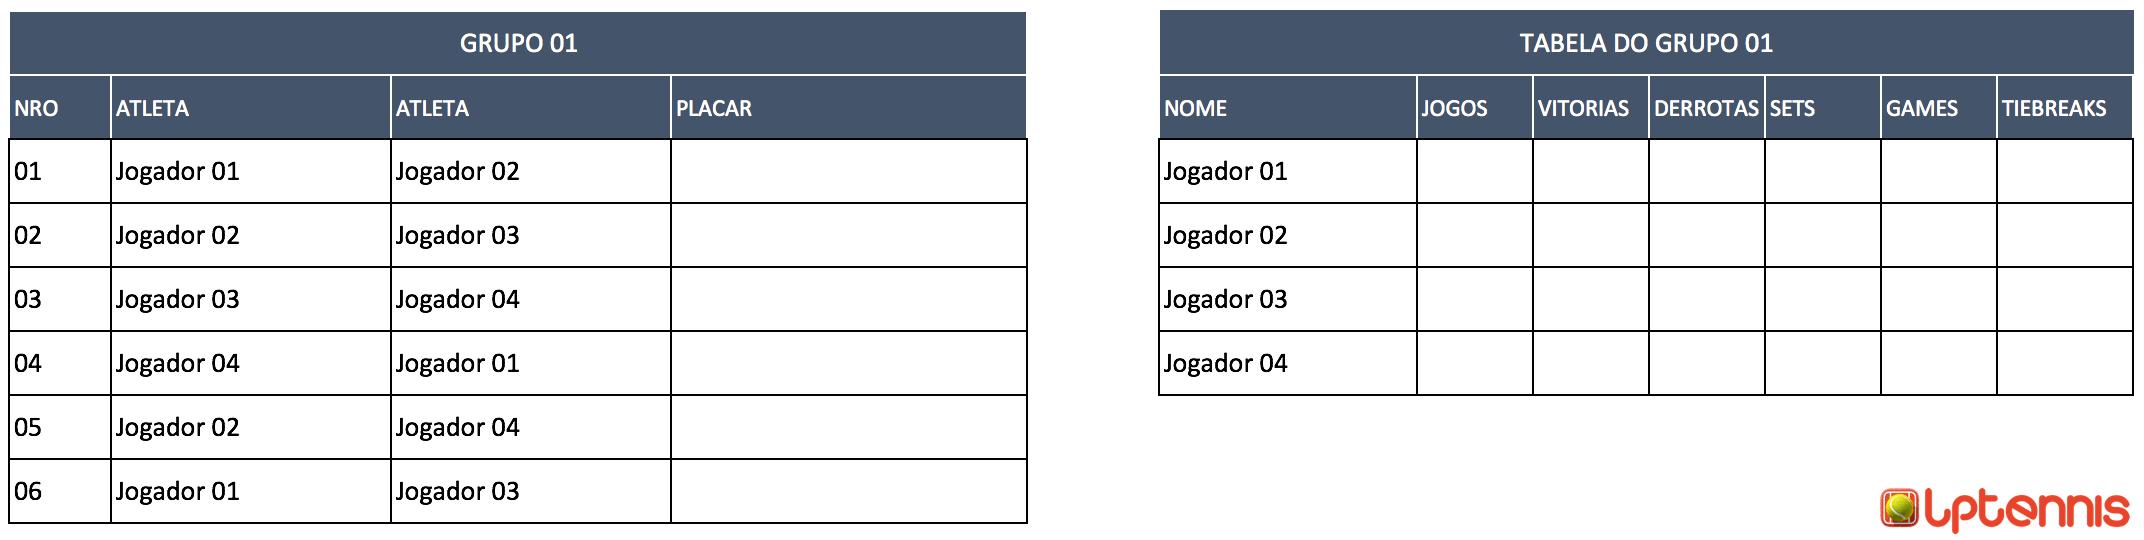 Estrutura de torneio de grupo